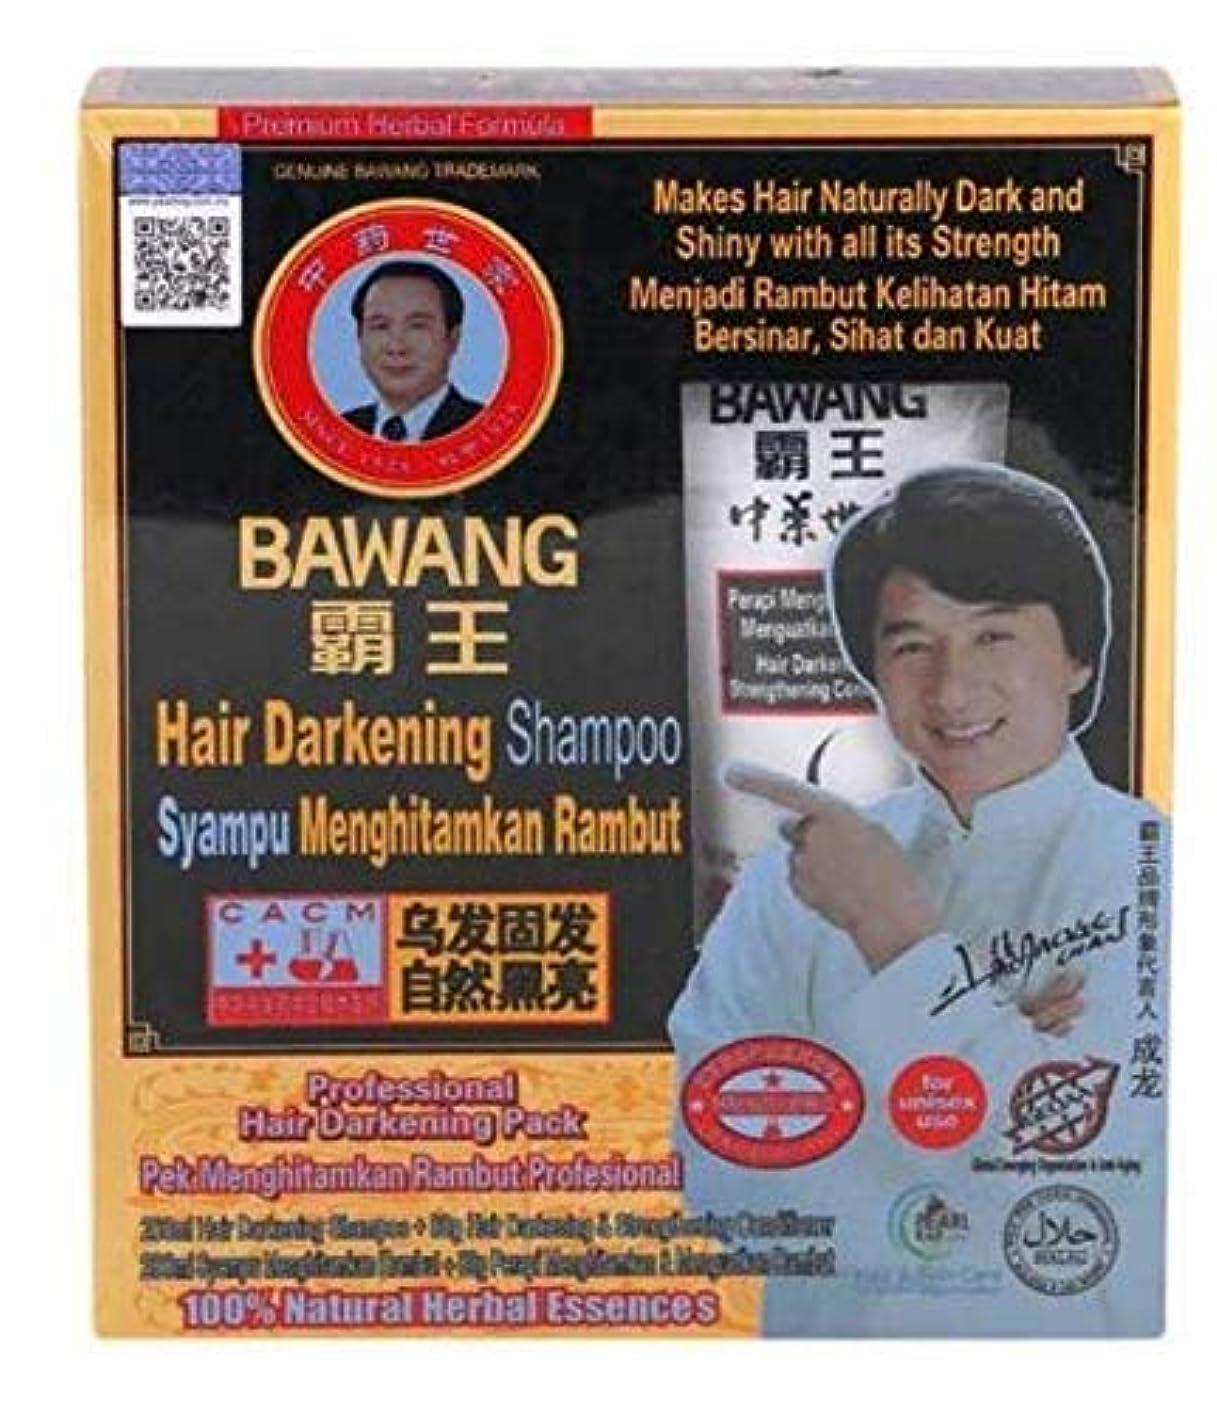 洗剤ホームフレアBAWANG プロフェッショナル髪黒い袋200ミリリットル+ 80グラム